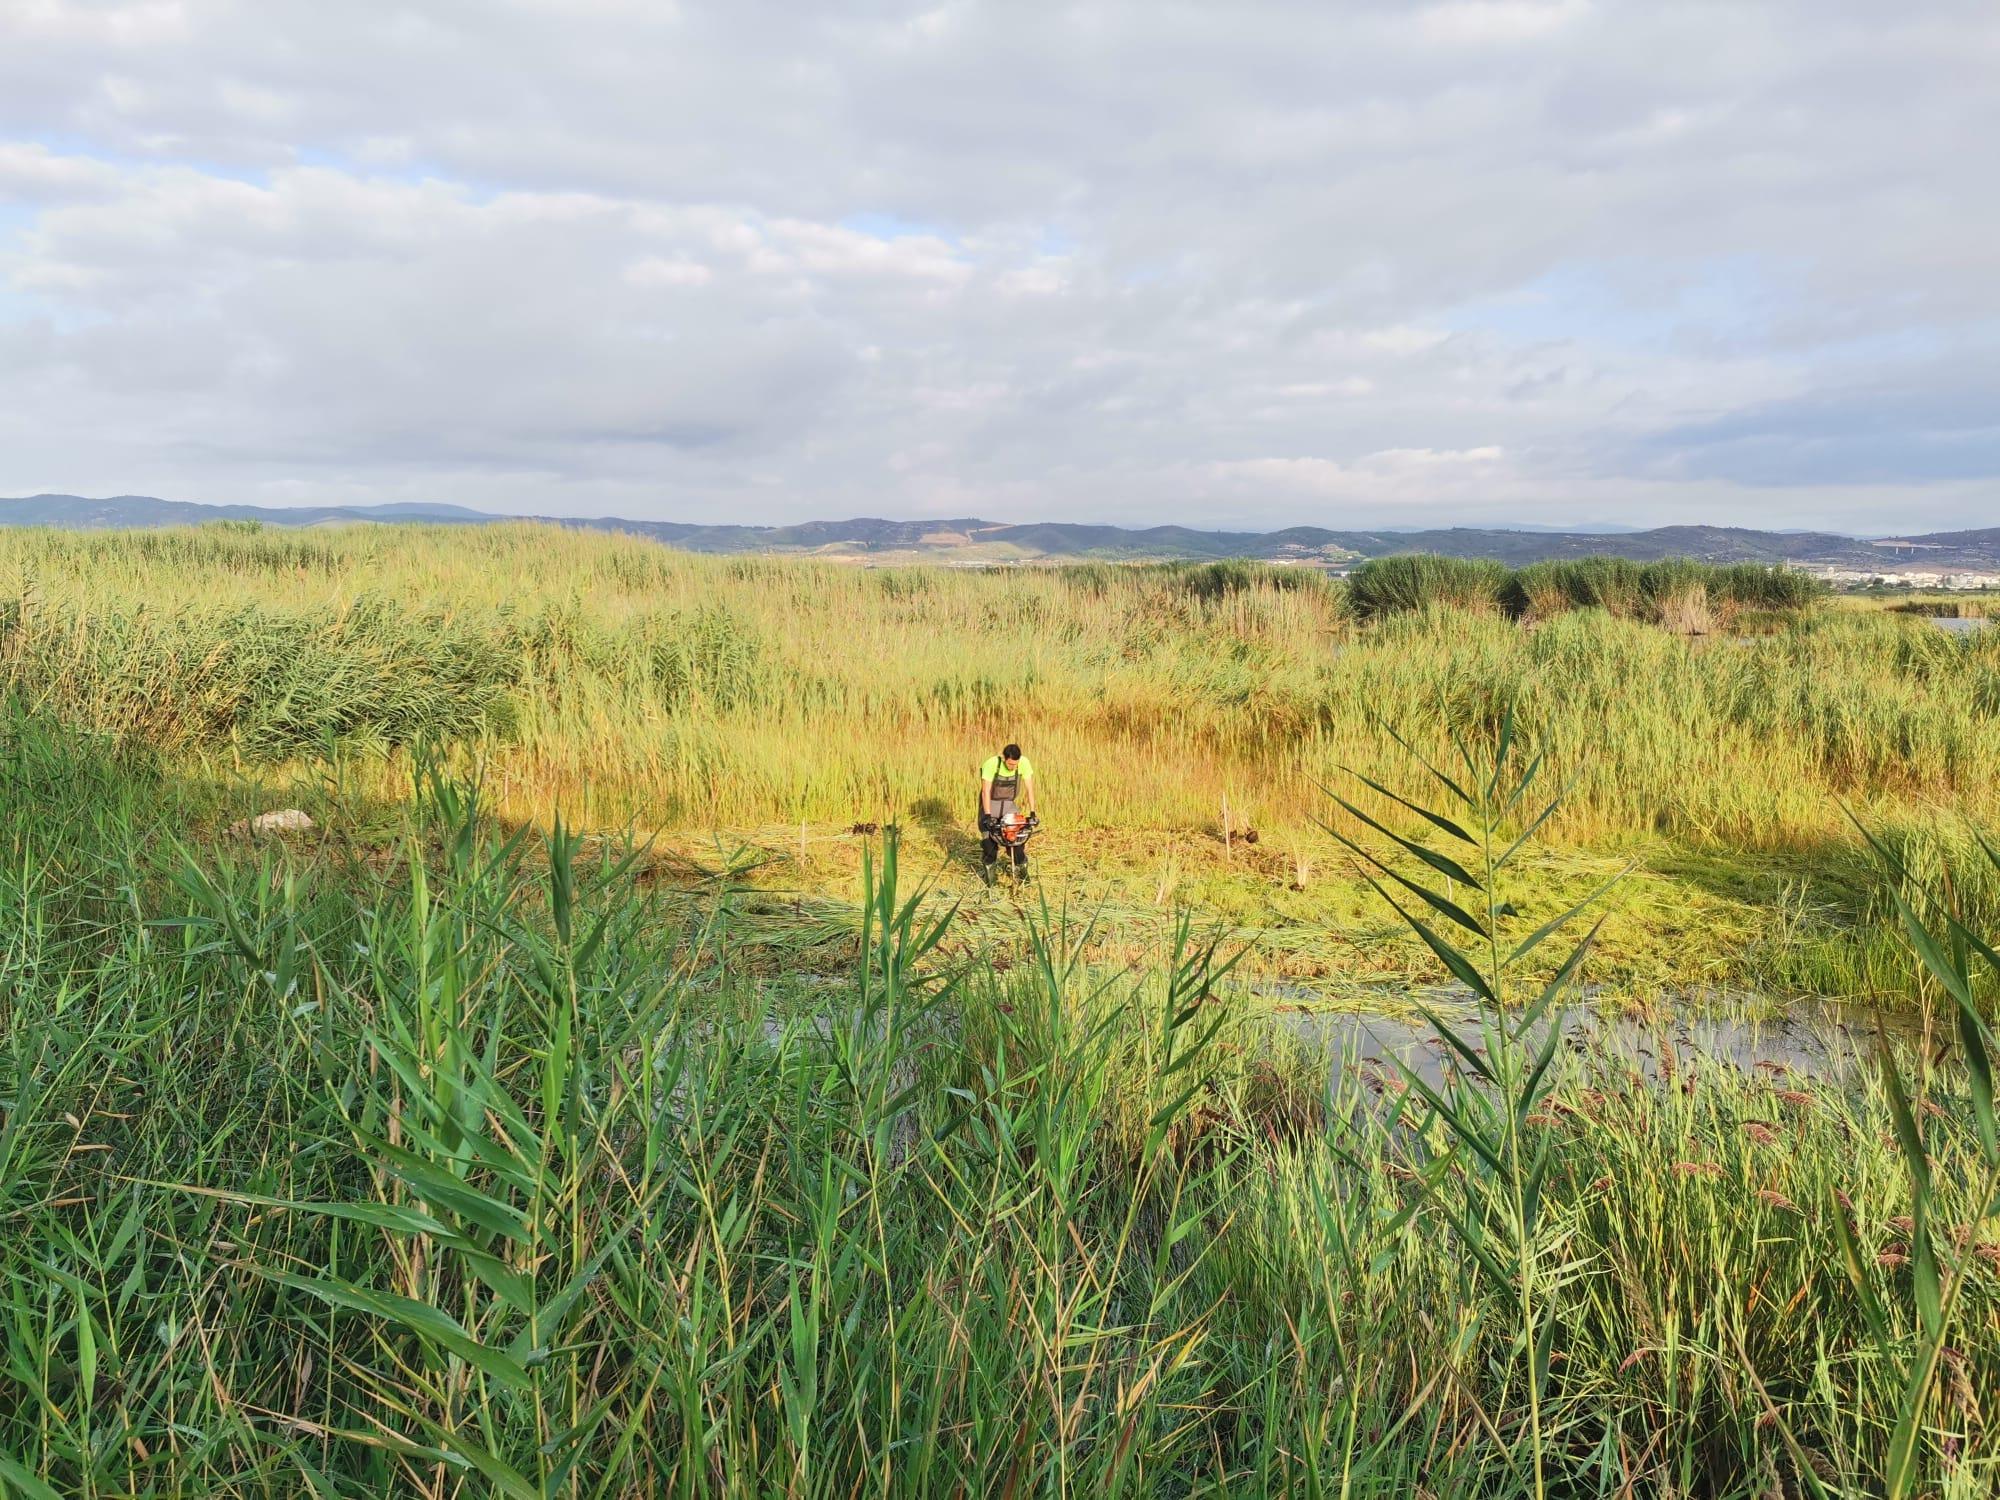 C:\FOTOS_FGN_LIFE_FOTOS\C4_Plantaciones\2021_09_Plantaciones Prat septiembre 2021\IMG-20210831-WA0000.jpg